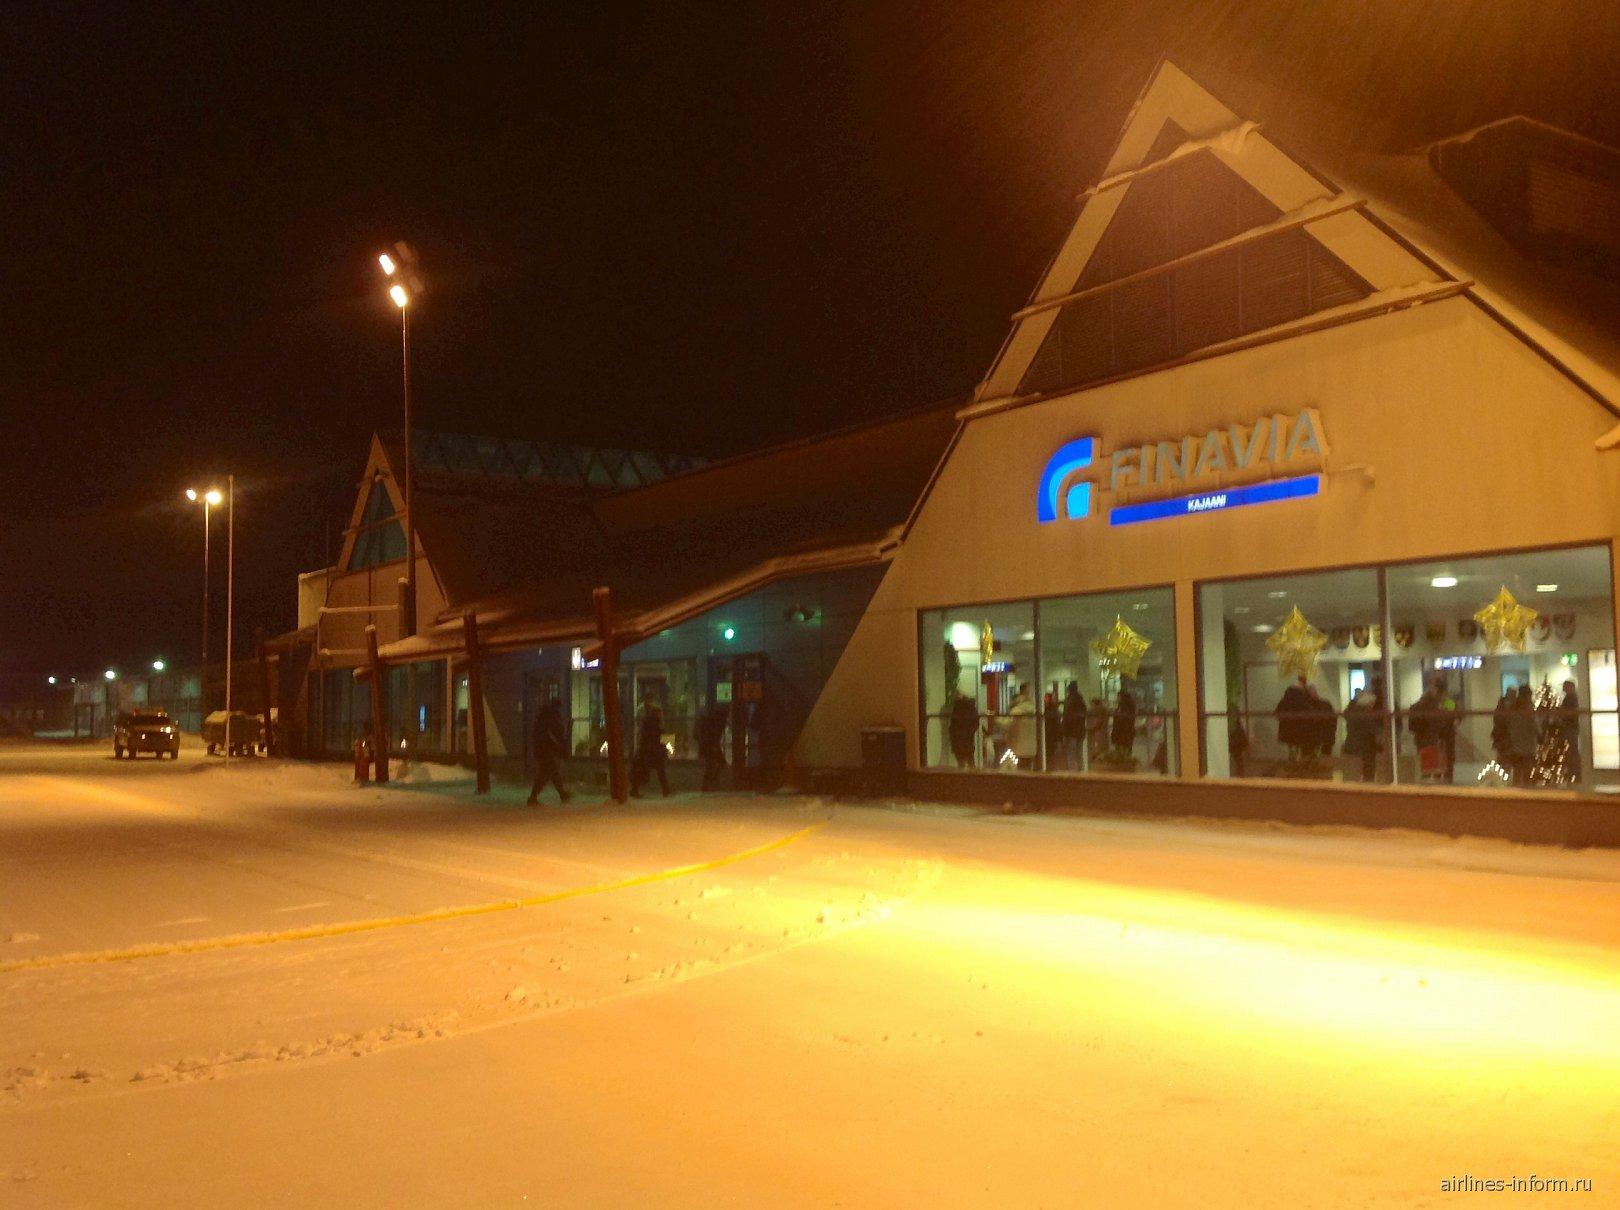 Пассажирский терминал аэропорта Каяни со стороны перрона